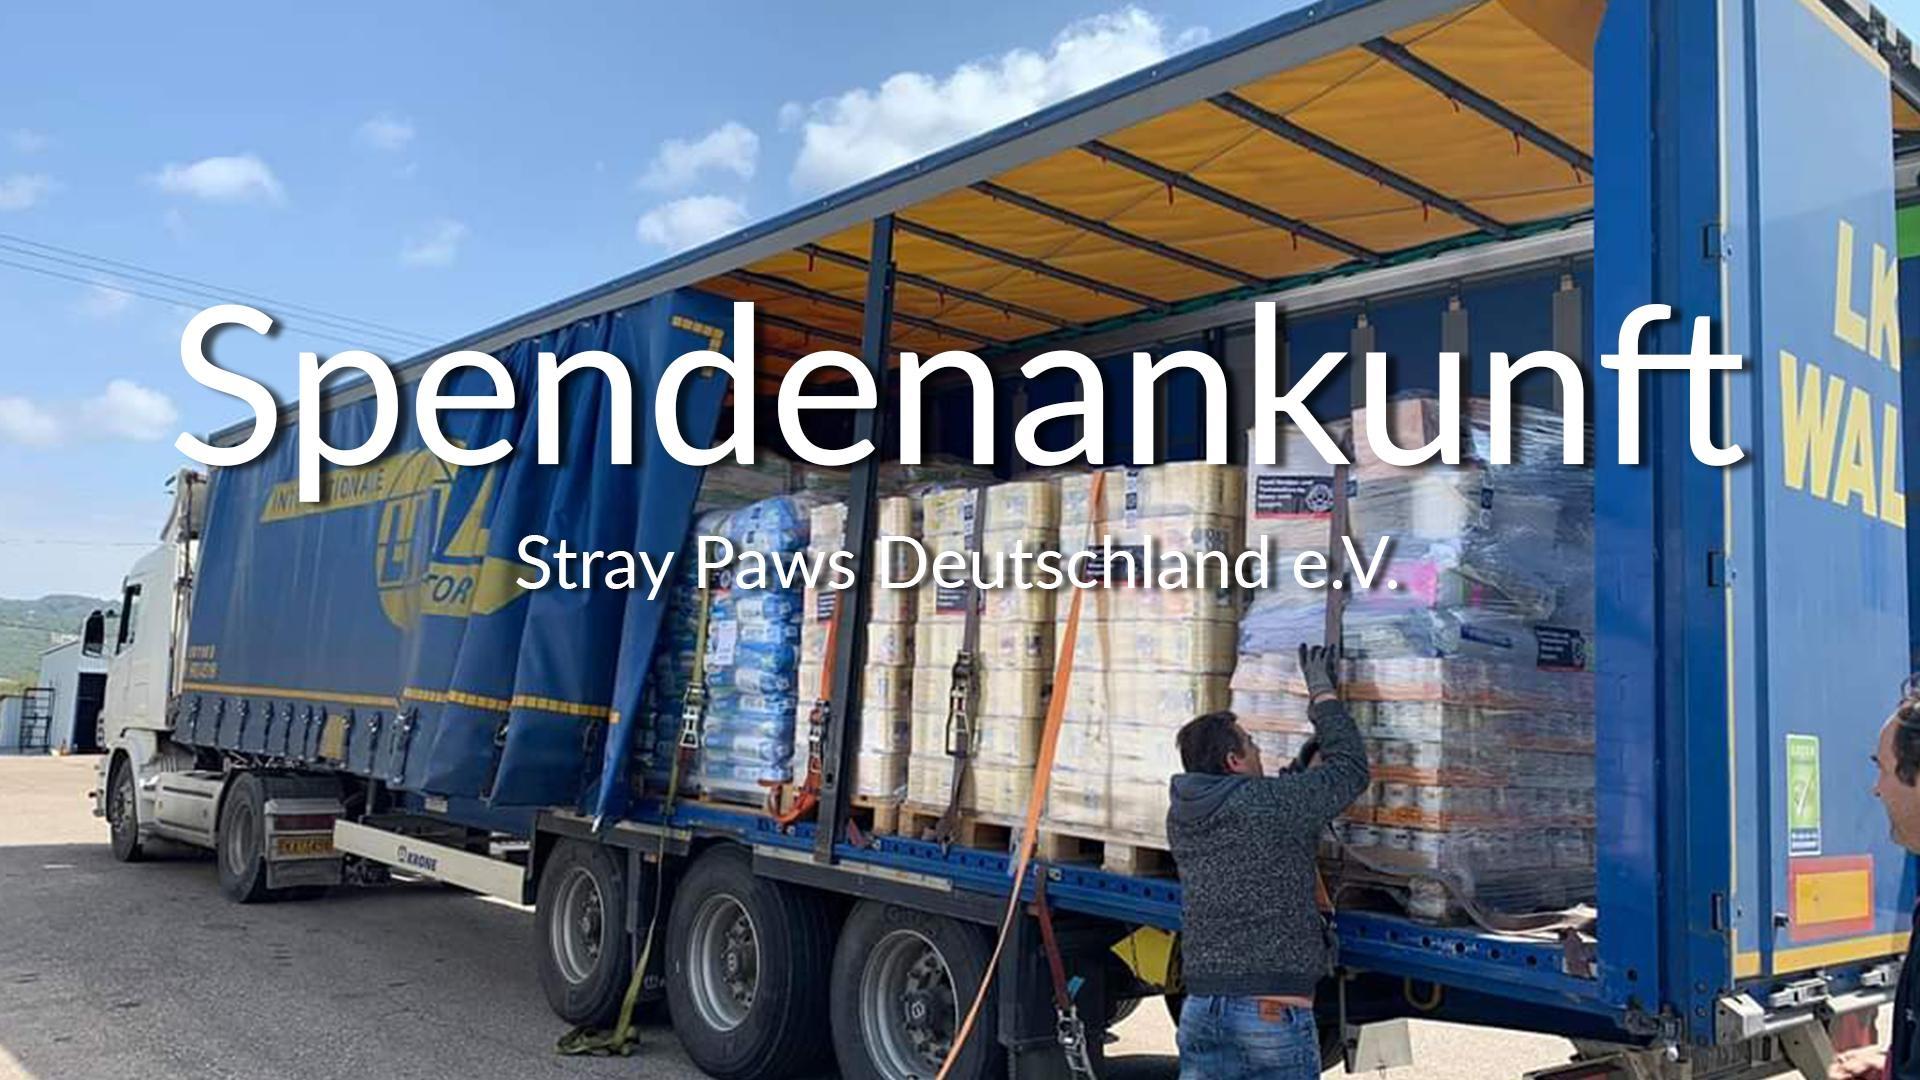 Stray Paws Deutschland e.V_SM2019